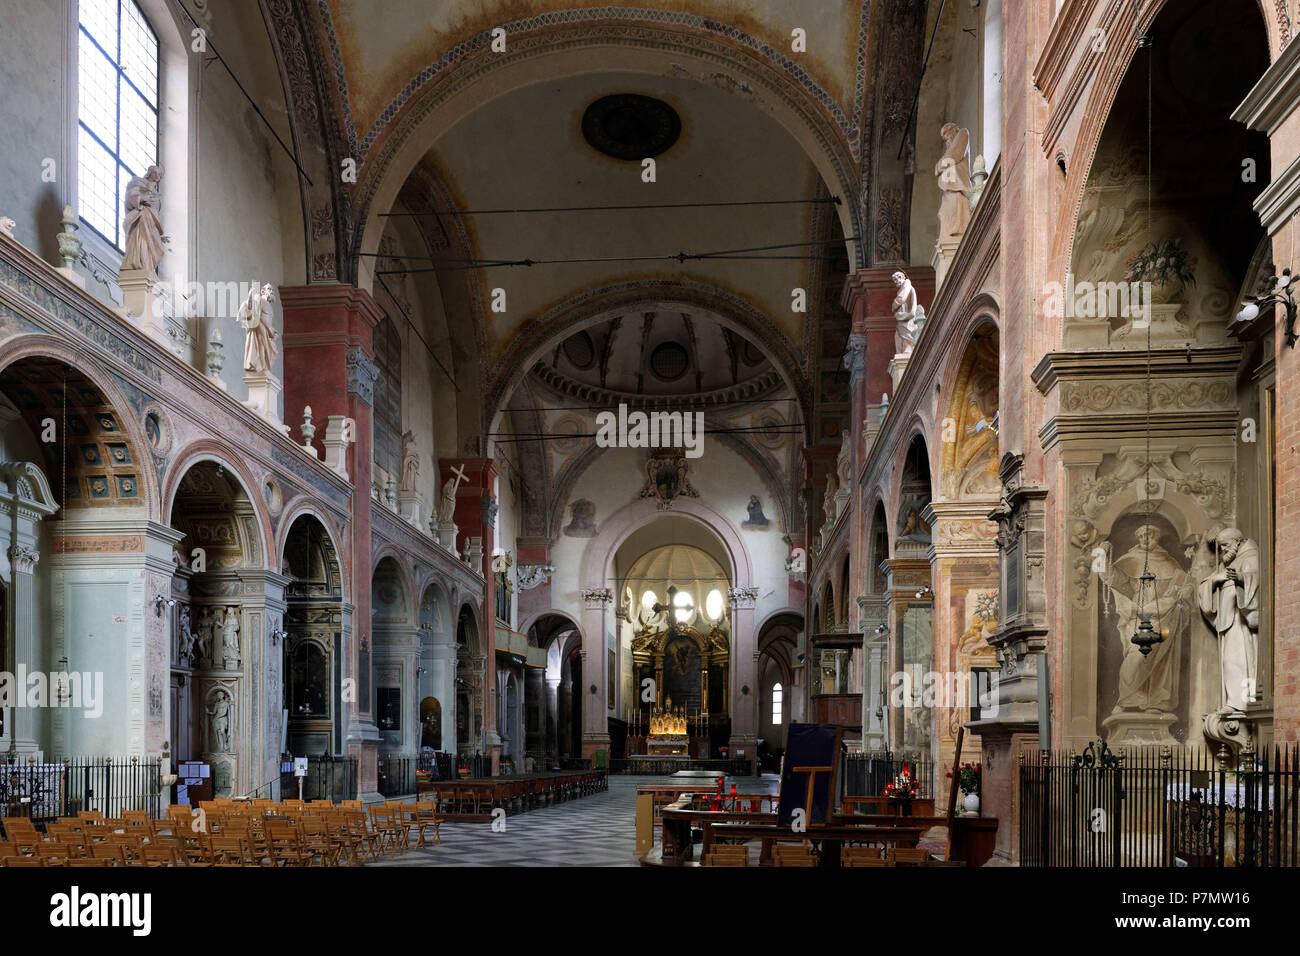 Italy, Emilia Romagna, Bologna, the old town, San Giacomo Maggiore ...